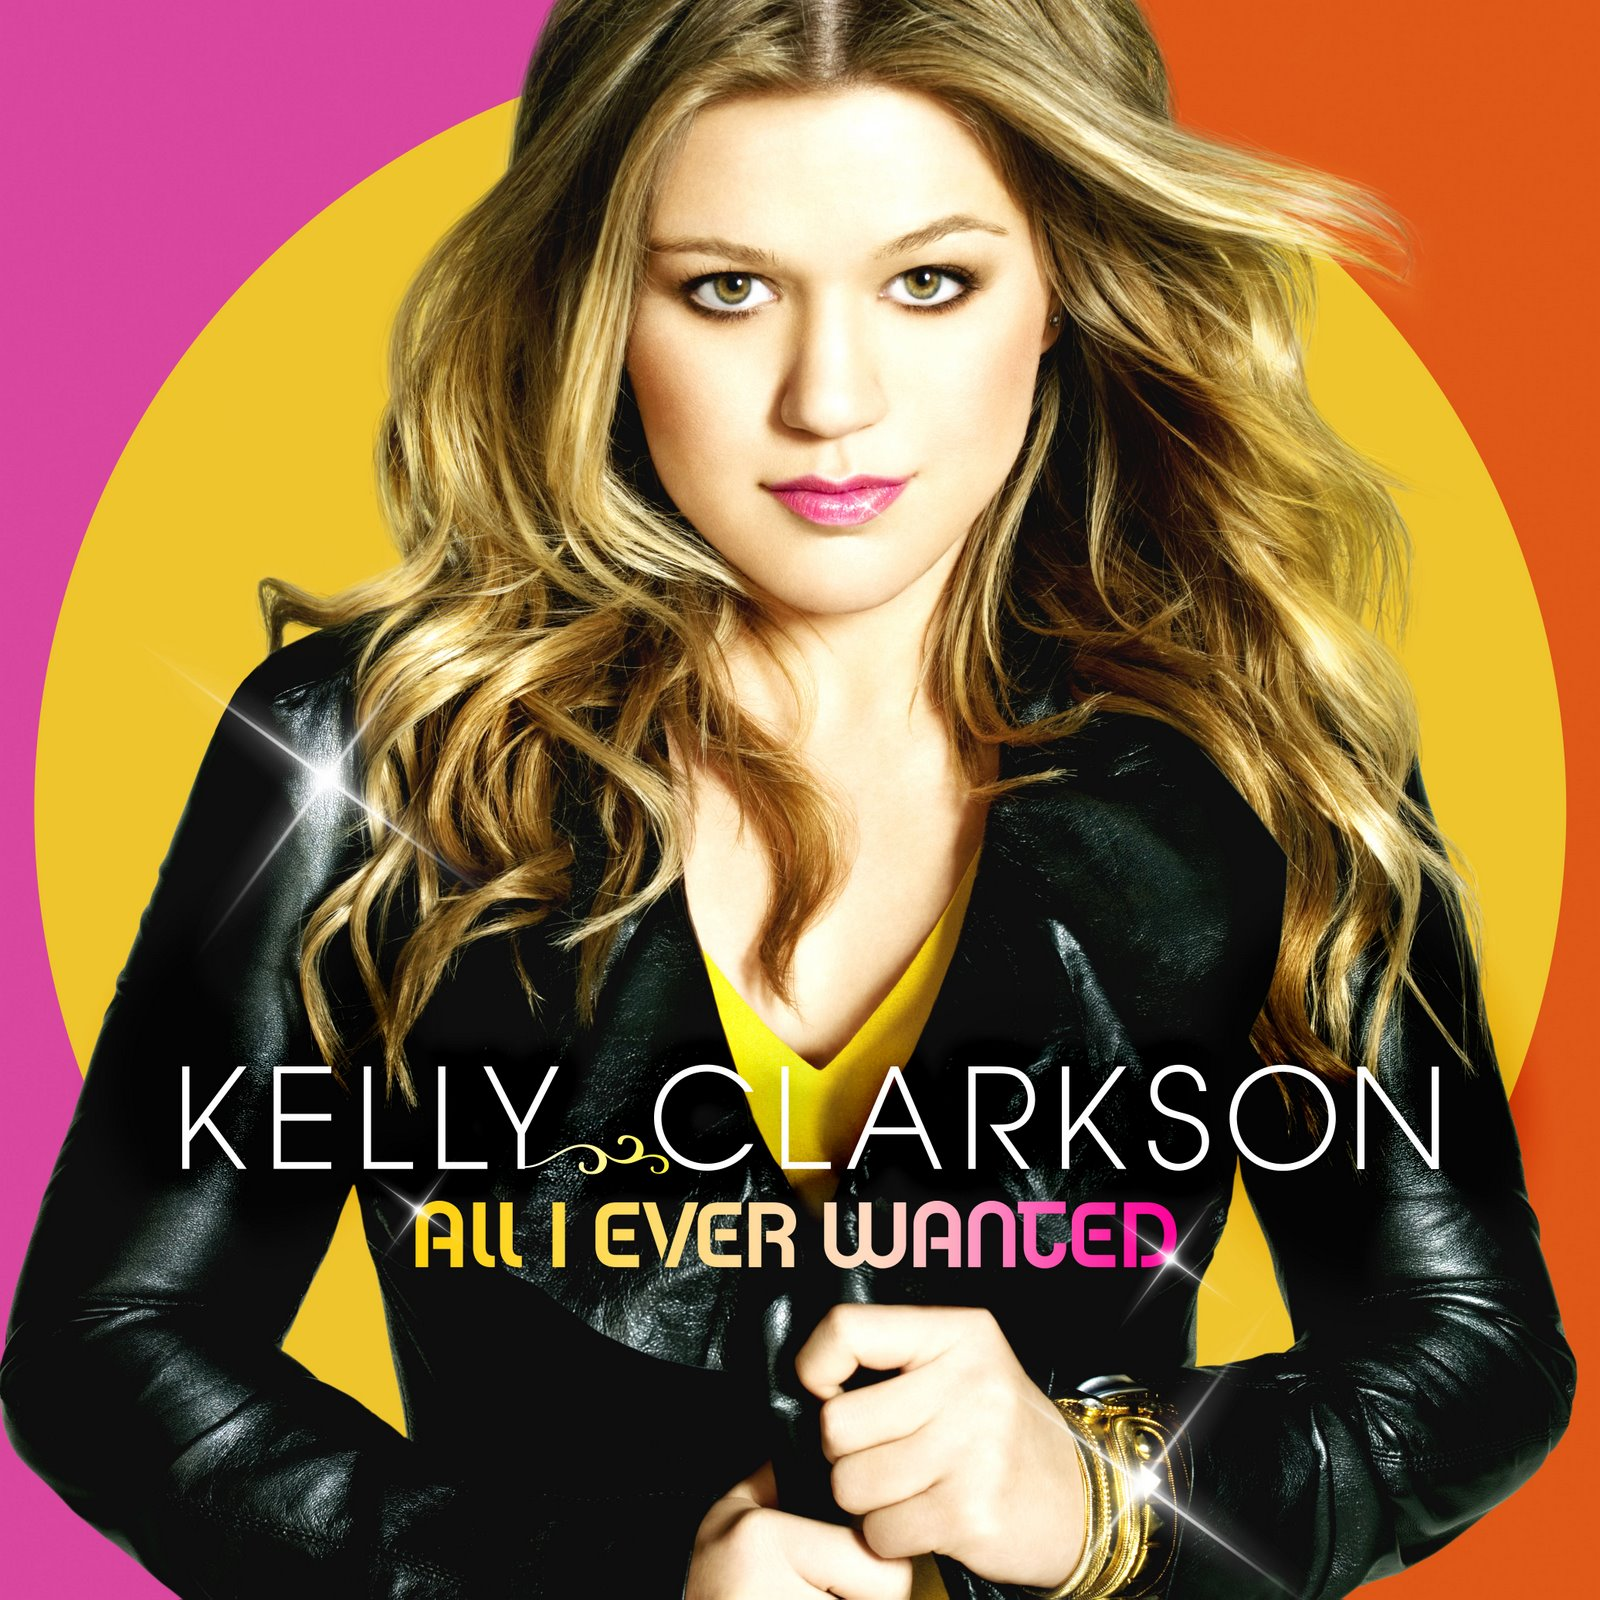 http://4.bp.blogspot.com/_lgTyldTrebU/TPbUjAlkZII/AAAAAAAAADo/SJc_hAvY5eU/s1600/Kelly+Clarkson+-+All+I+ever+wanted.jpg